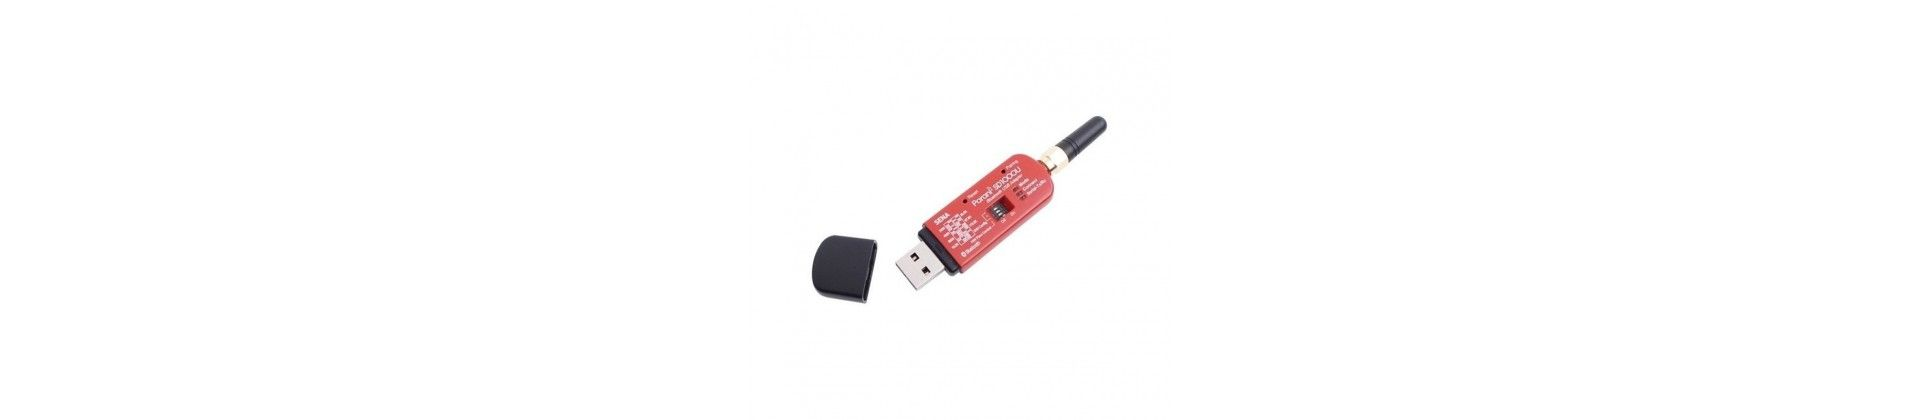 Connectivité USB